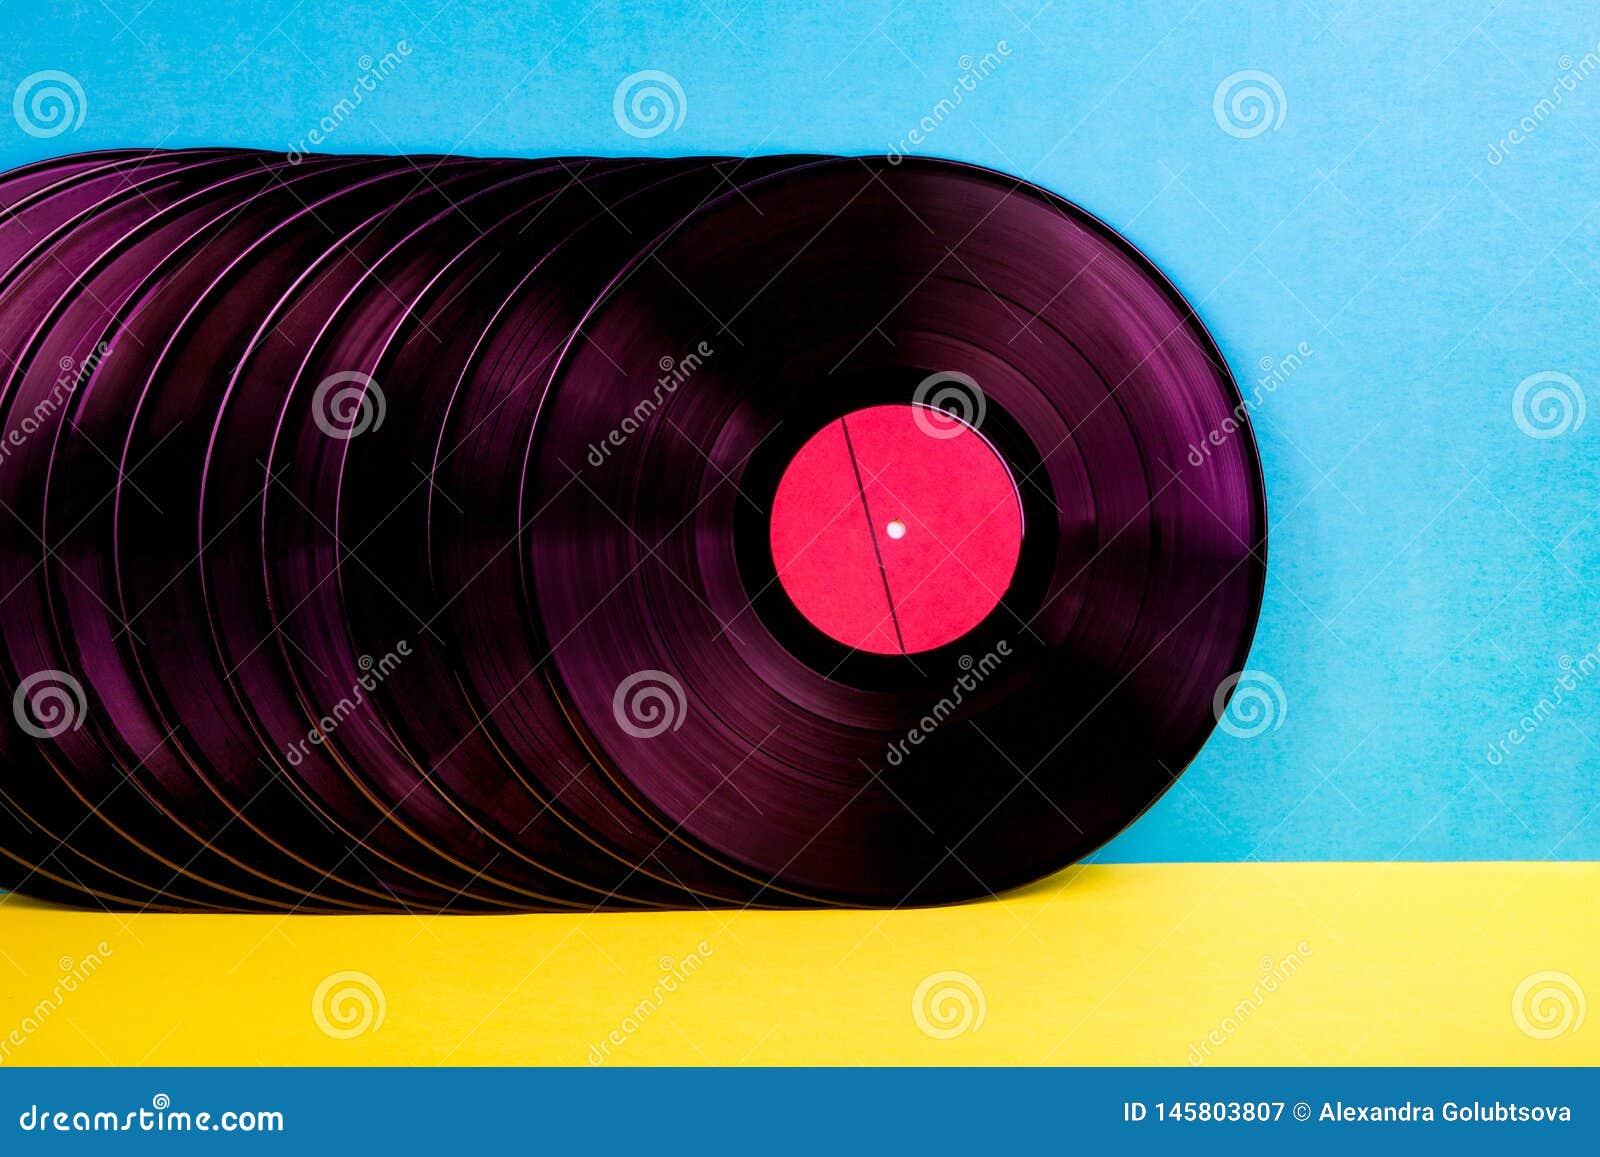 Vinyldisketten auf Hintergrund